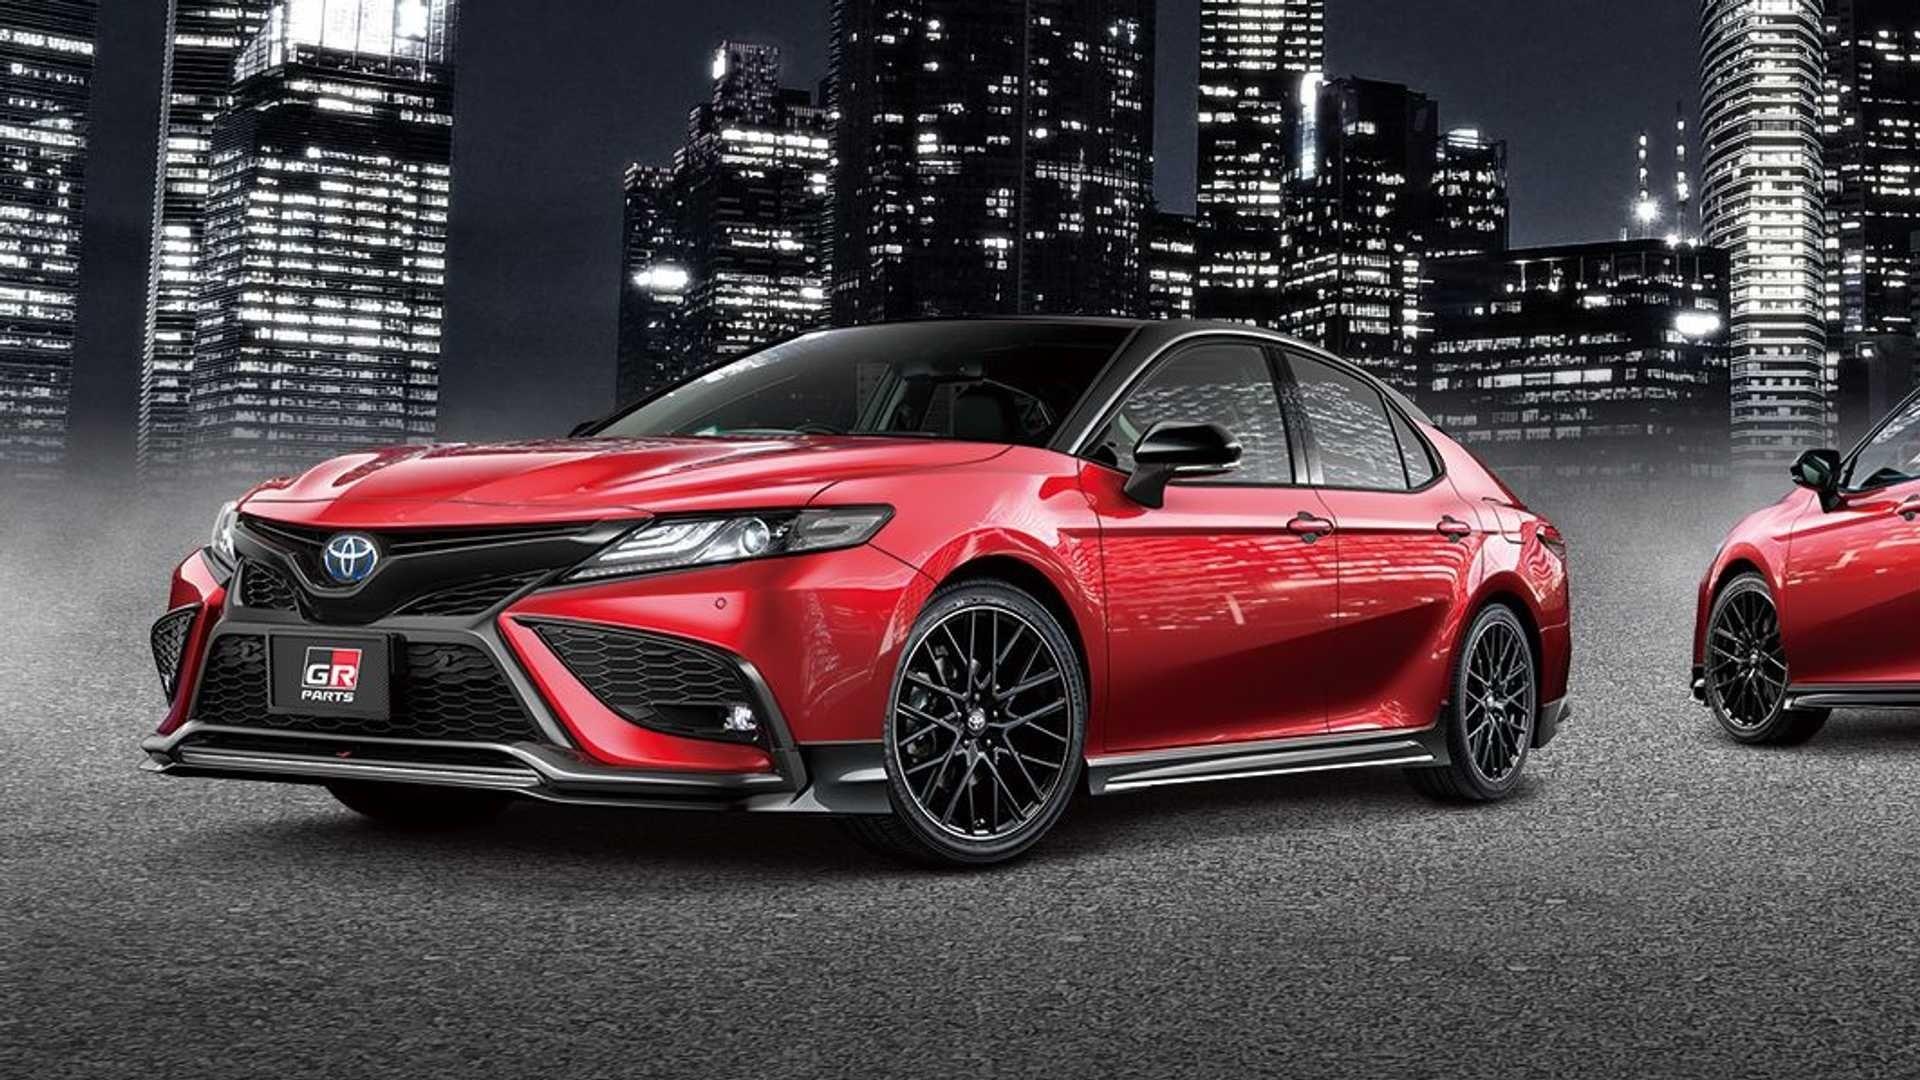 豐田凱美瑞對年輕人的關照 豐田推GR和Modellista兩款外觀套件